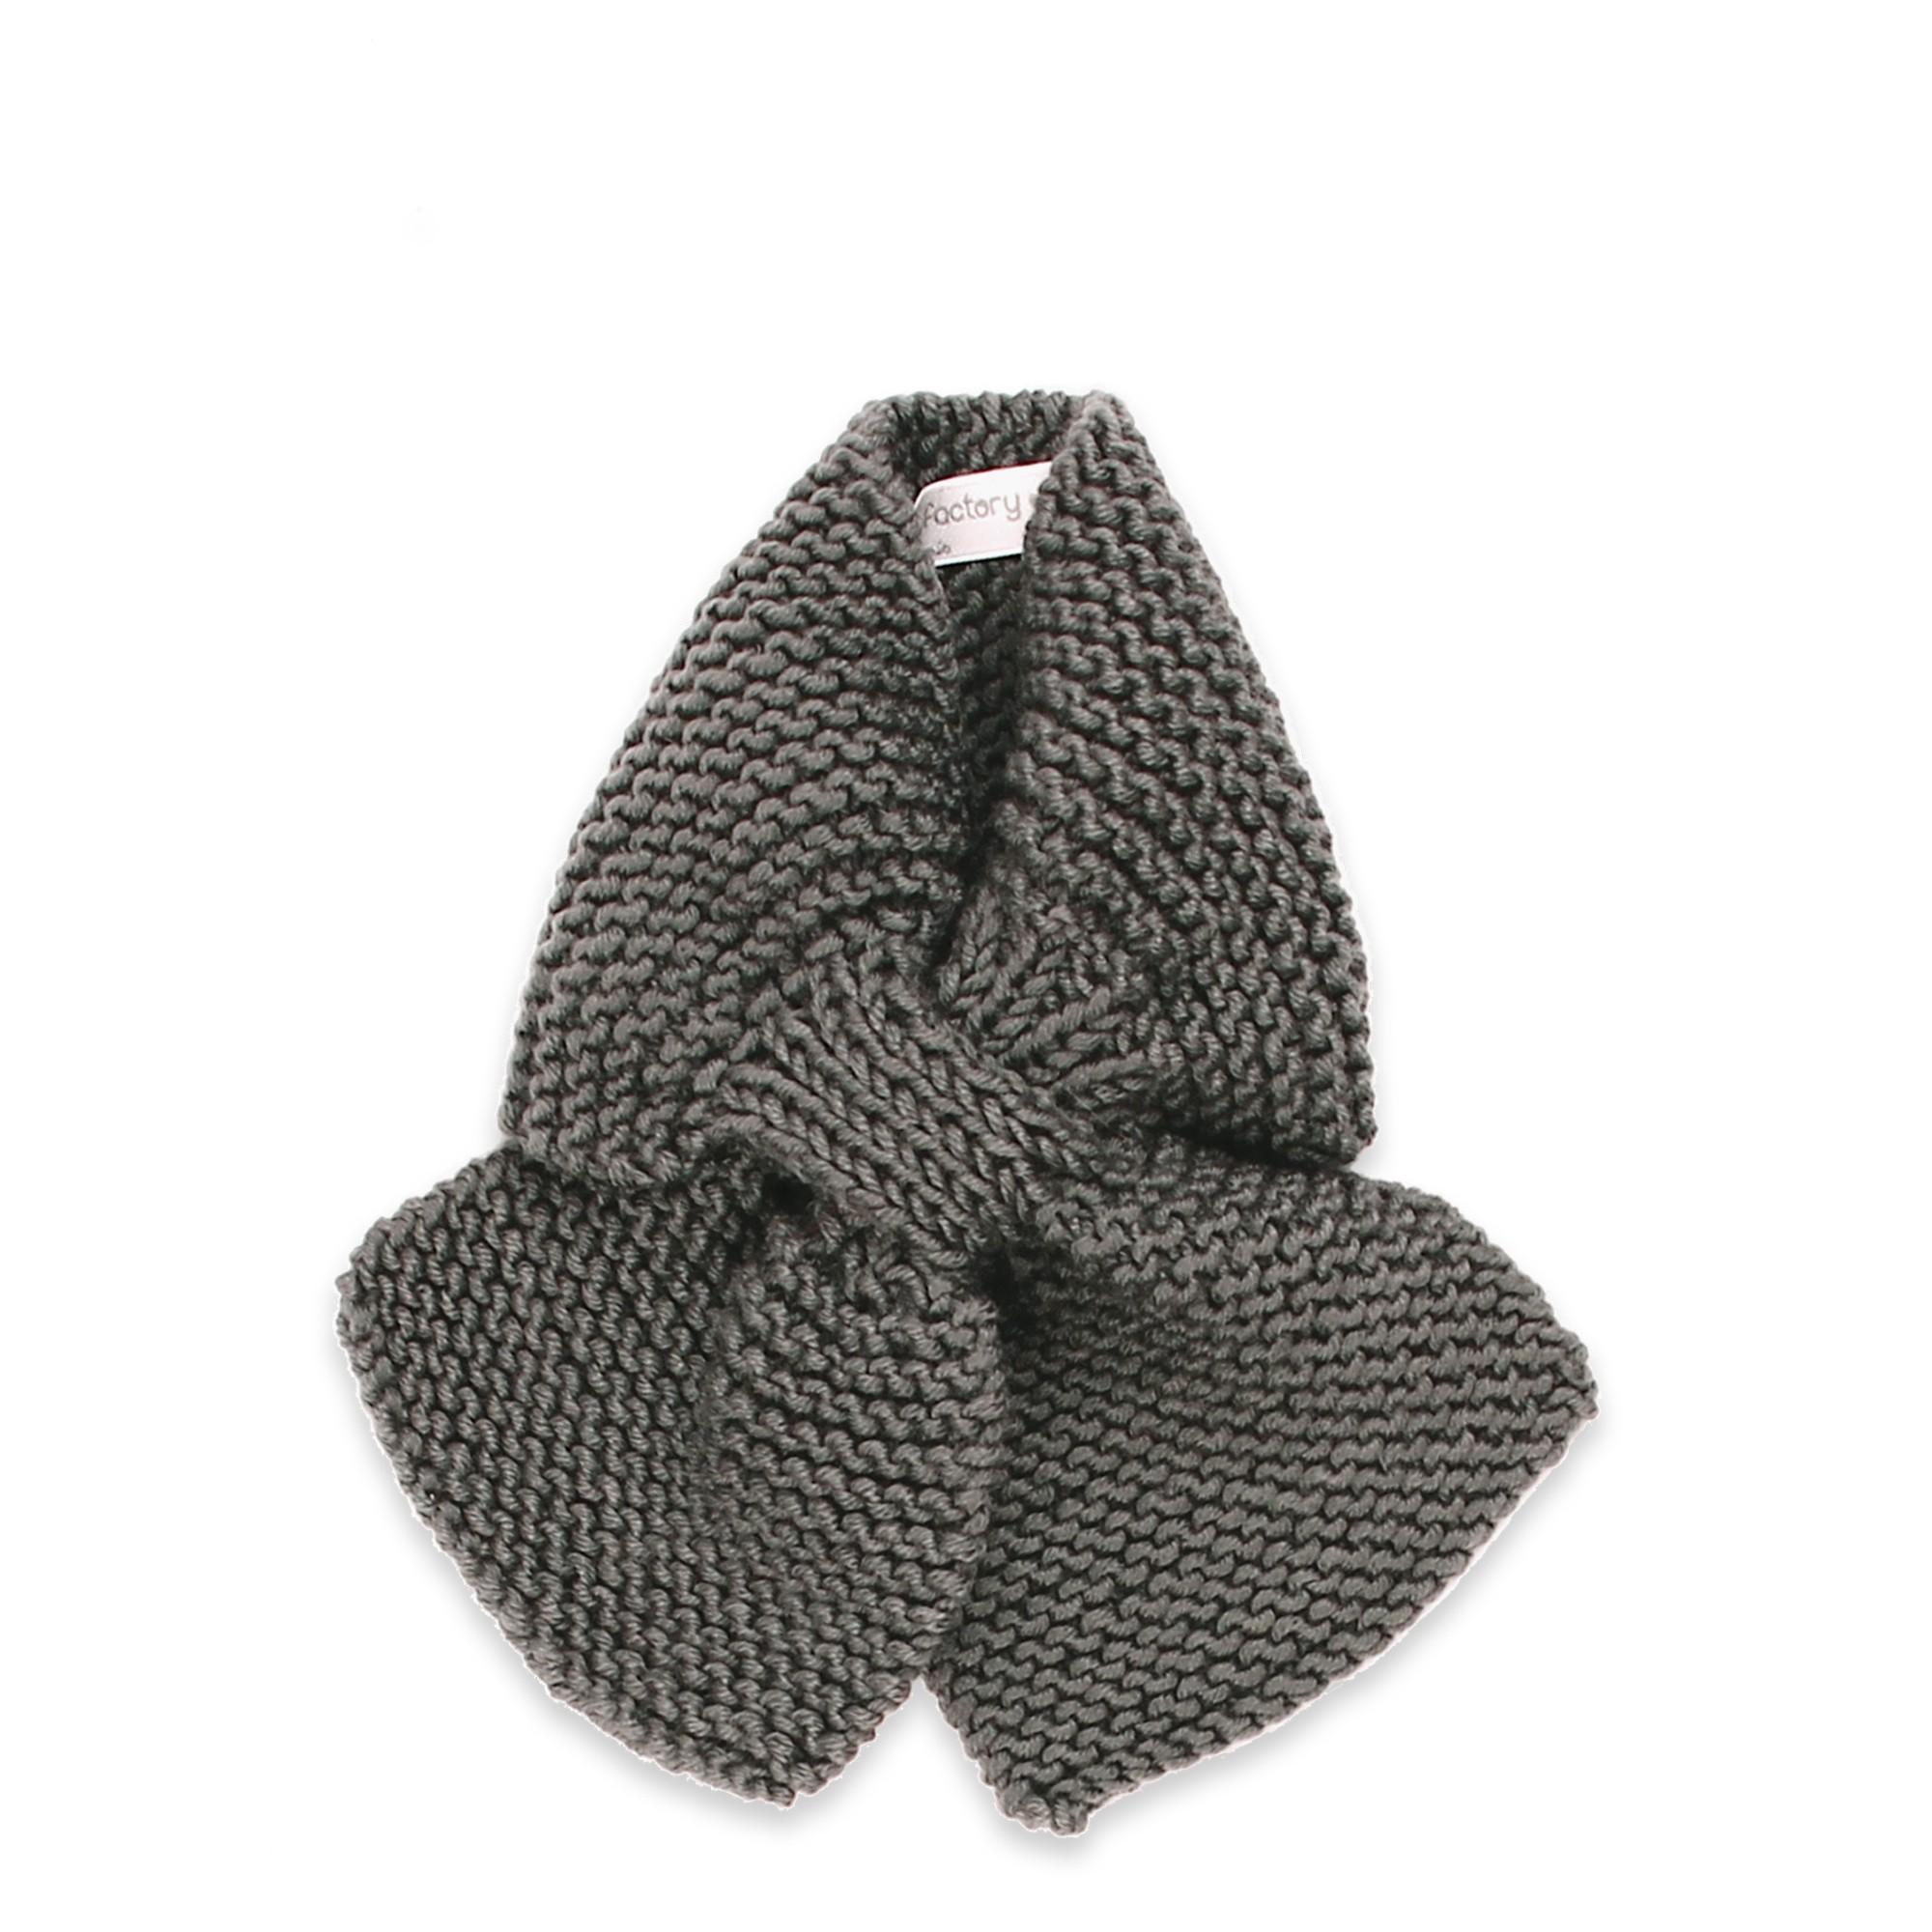 tricoter echarpe bebe. Black Bedroom Furniture Sets. Home Design Ideas